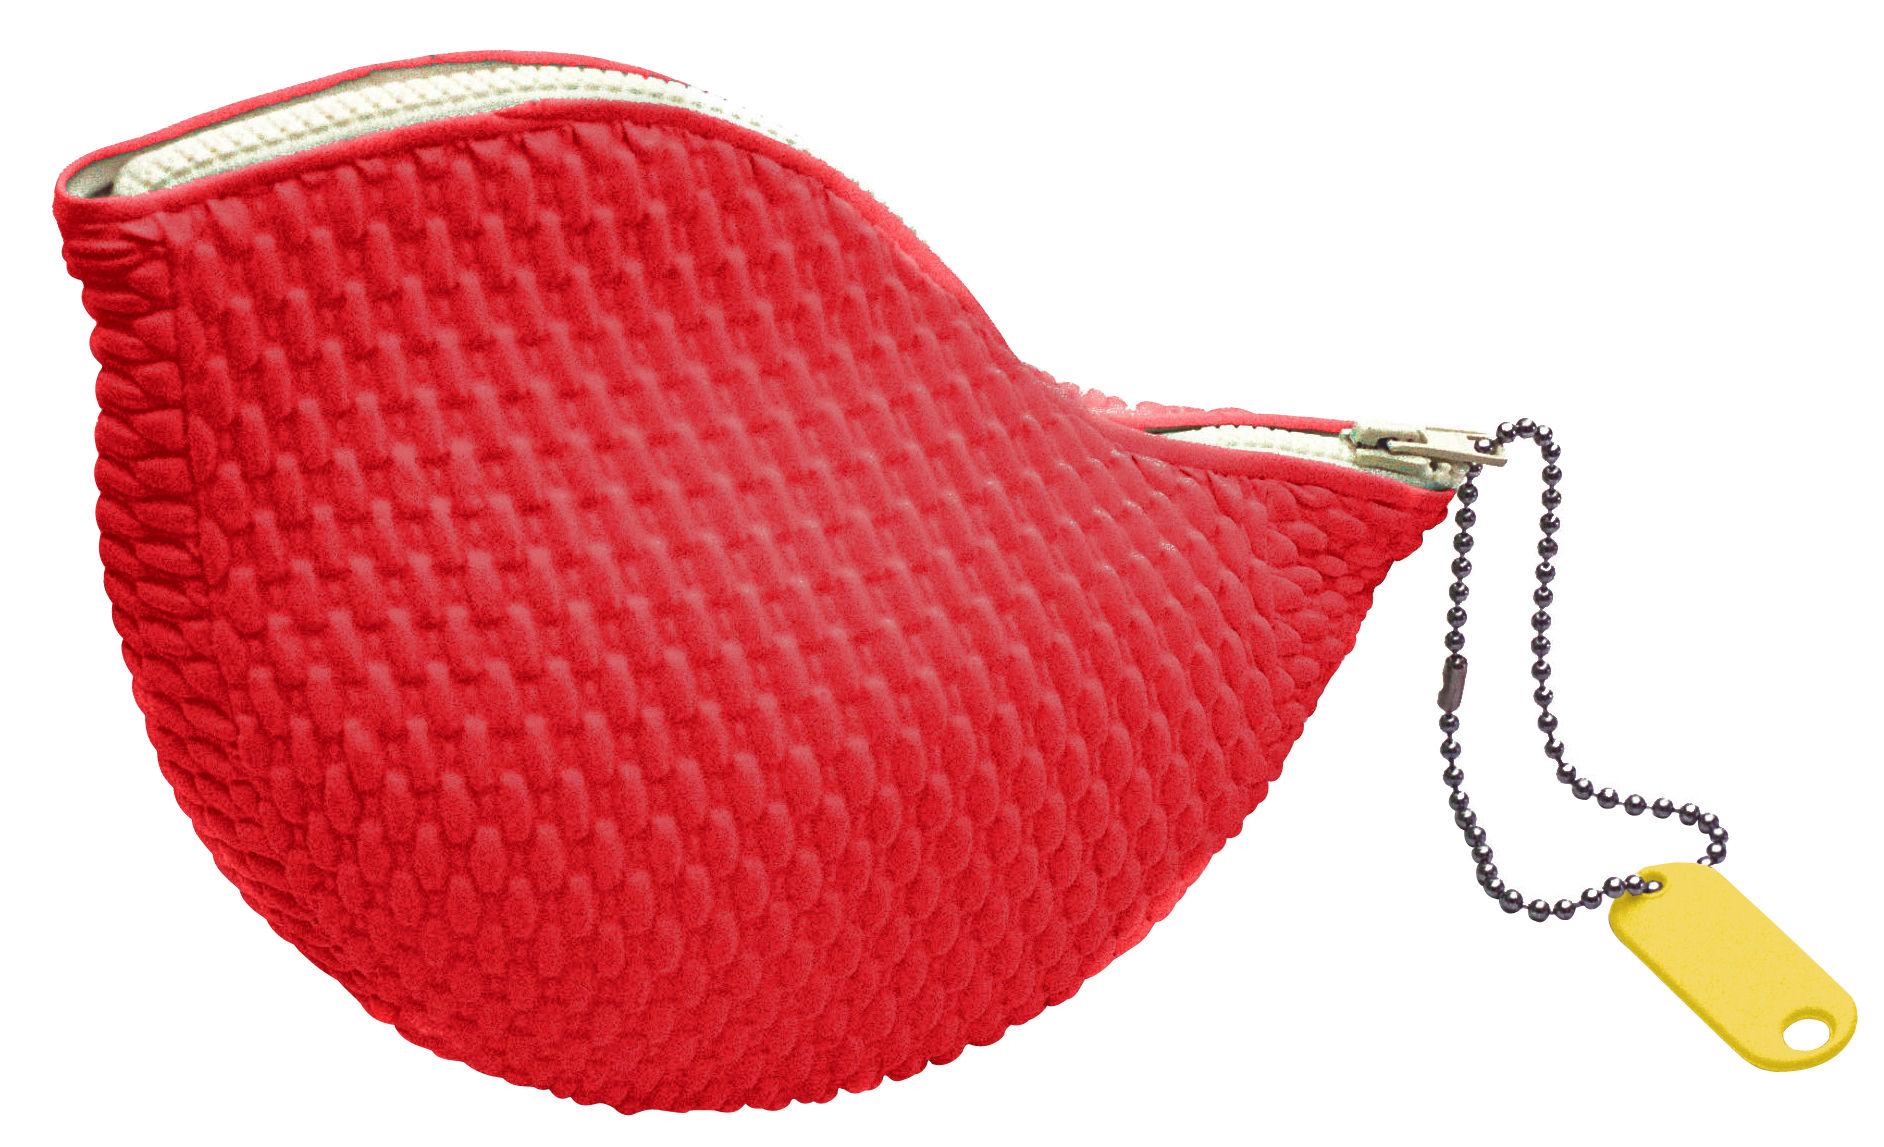 goosebumps wash bag red by pension f r produkte pop corn made in design uk. Black Bedroom Furniture Sets. Home Design Ideas